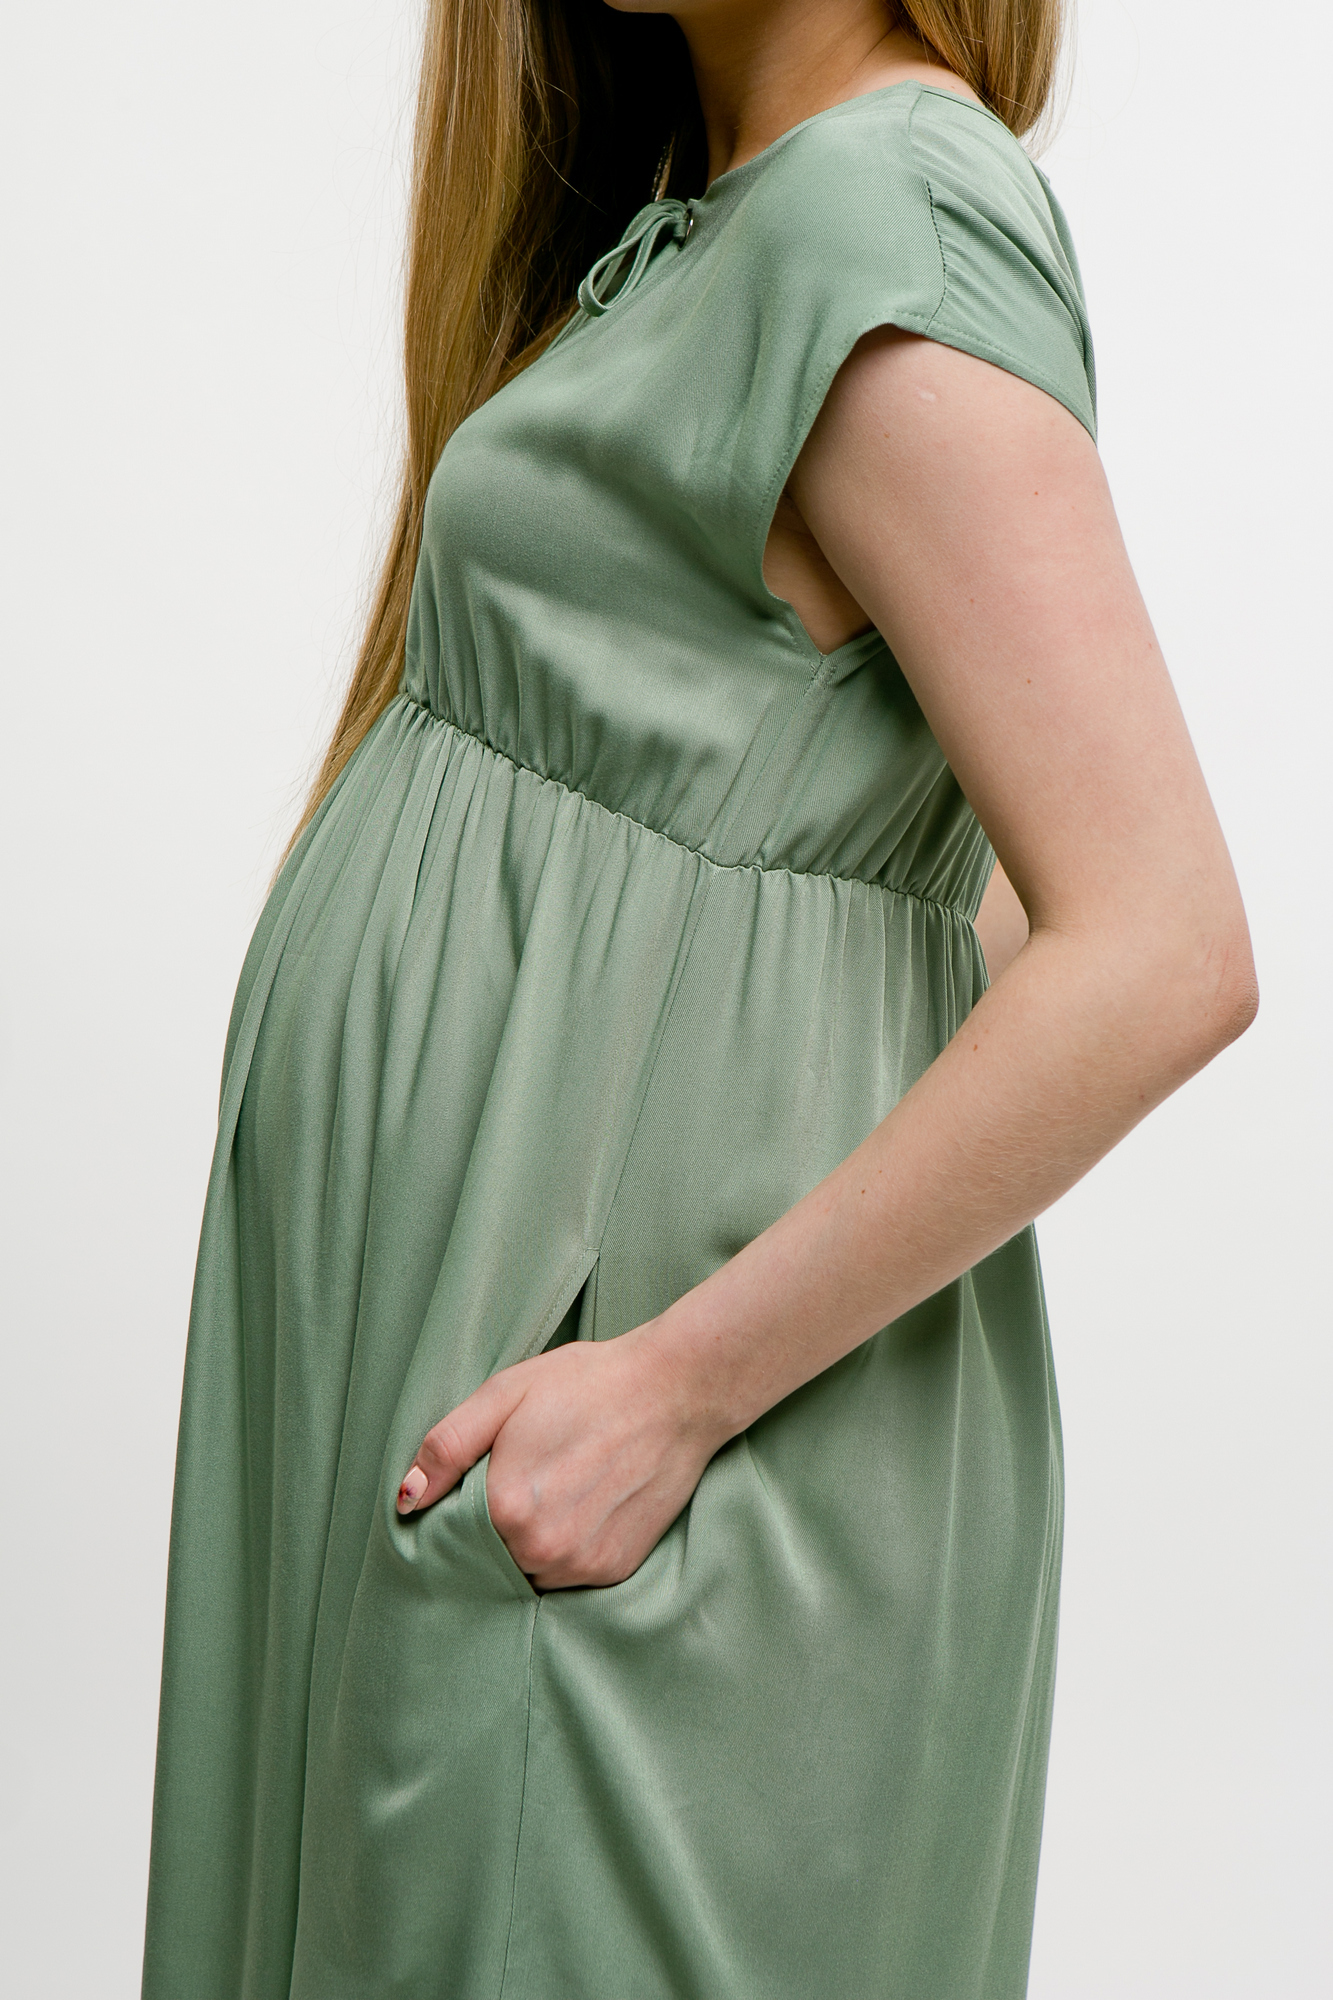 Фото платье для беременных MAMA`S FANTASY от магазина СкороМама, мятный, зеленый, размеры.